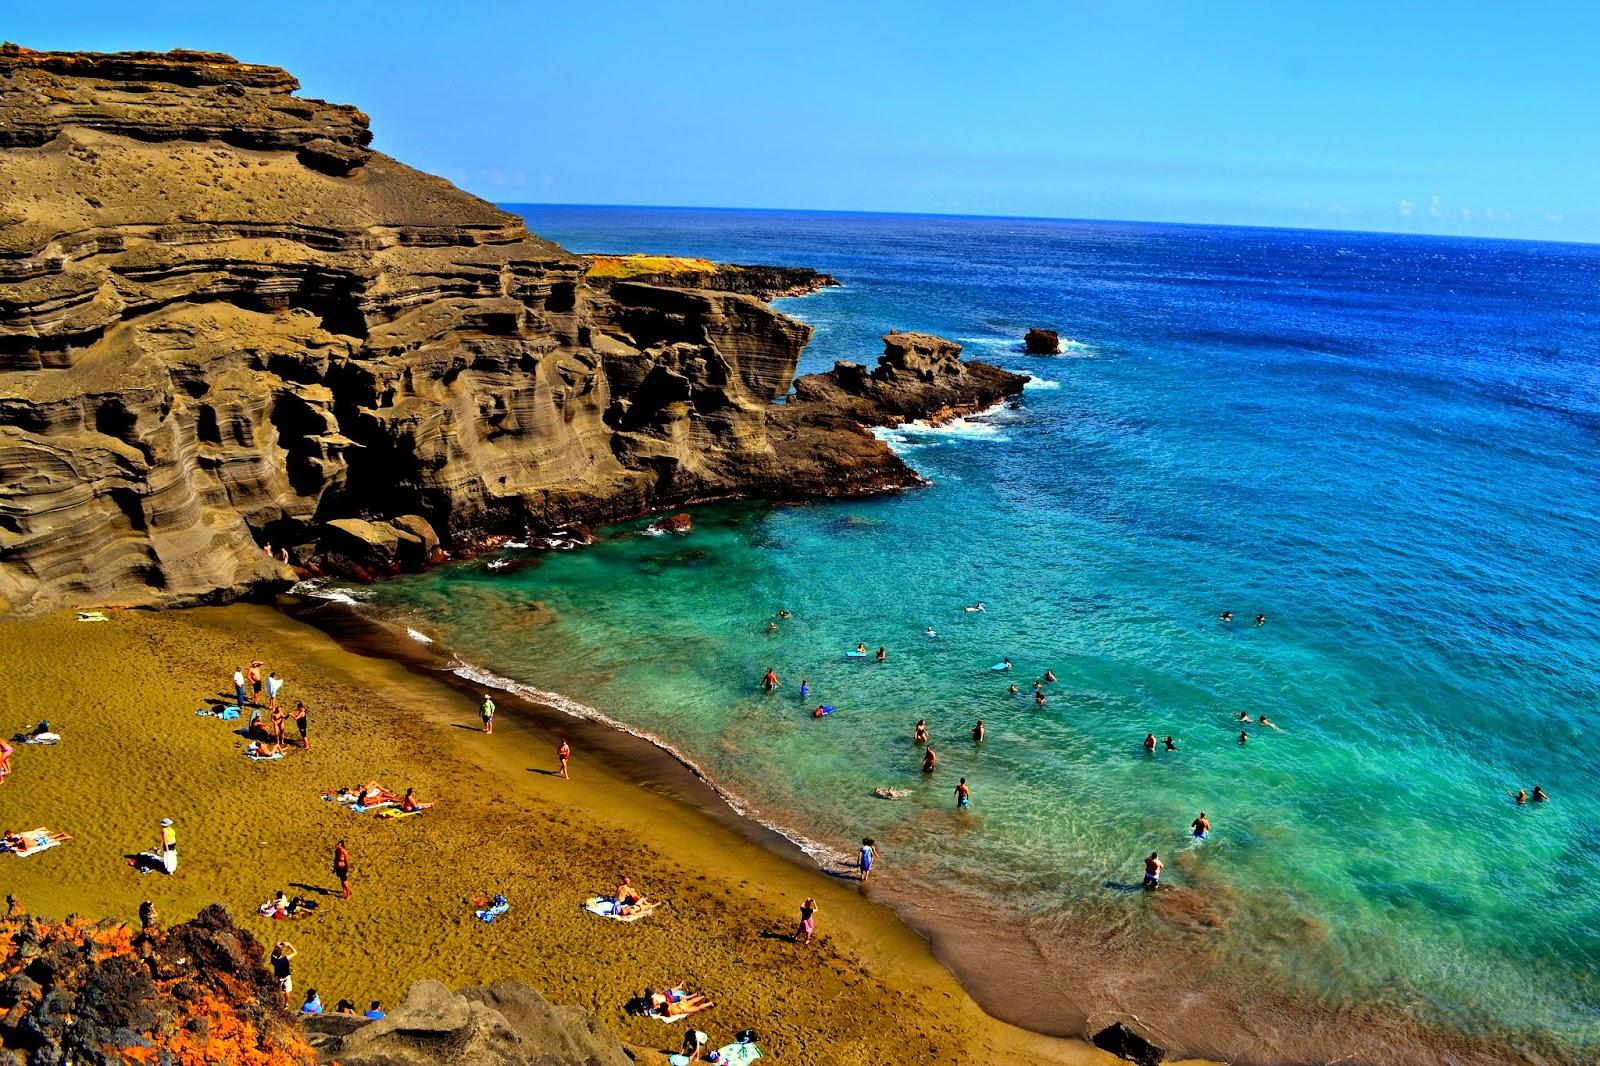 Hawaii - Green Sand Beach